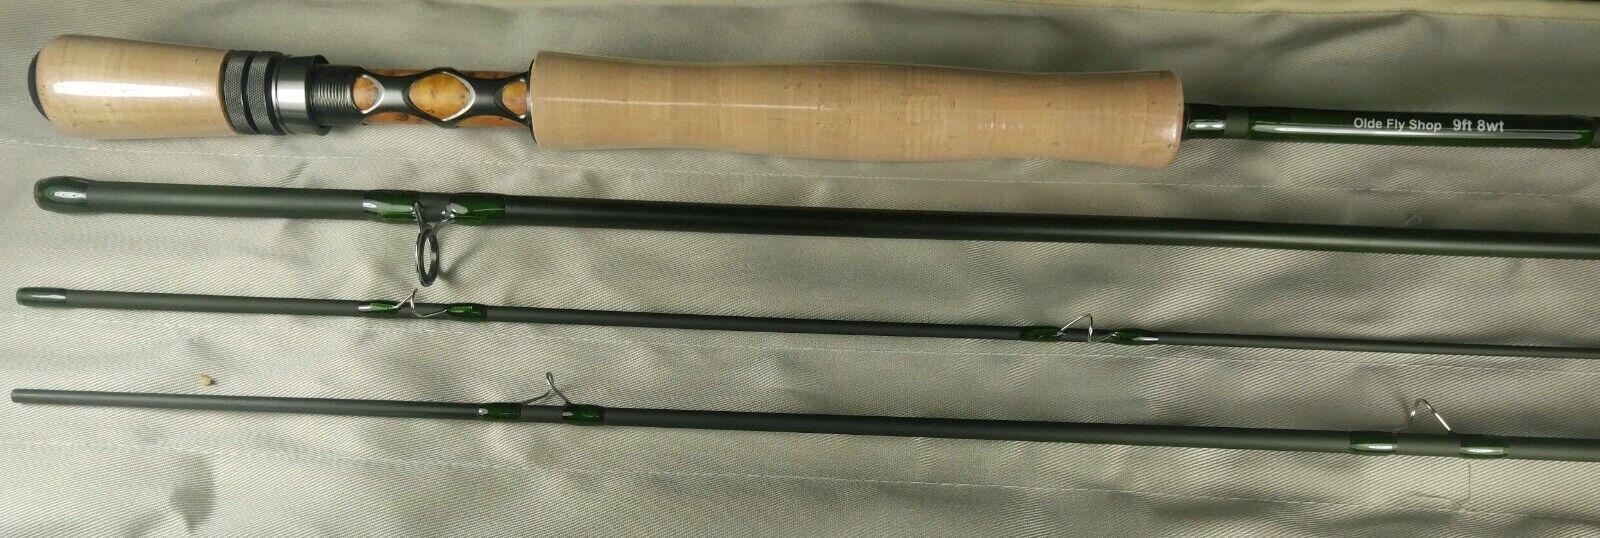 Rod Building Kit IM-8 Graphite Fly Rod Blank 9 ft (environ 2.74 m) 8WT 4PC mat vert (Gunmetal)